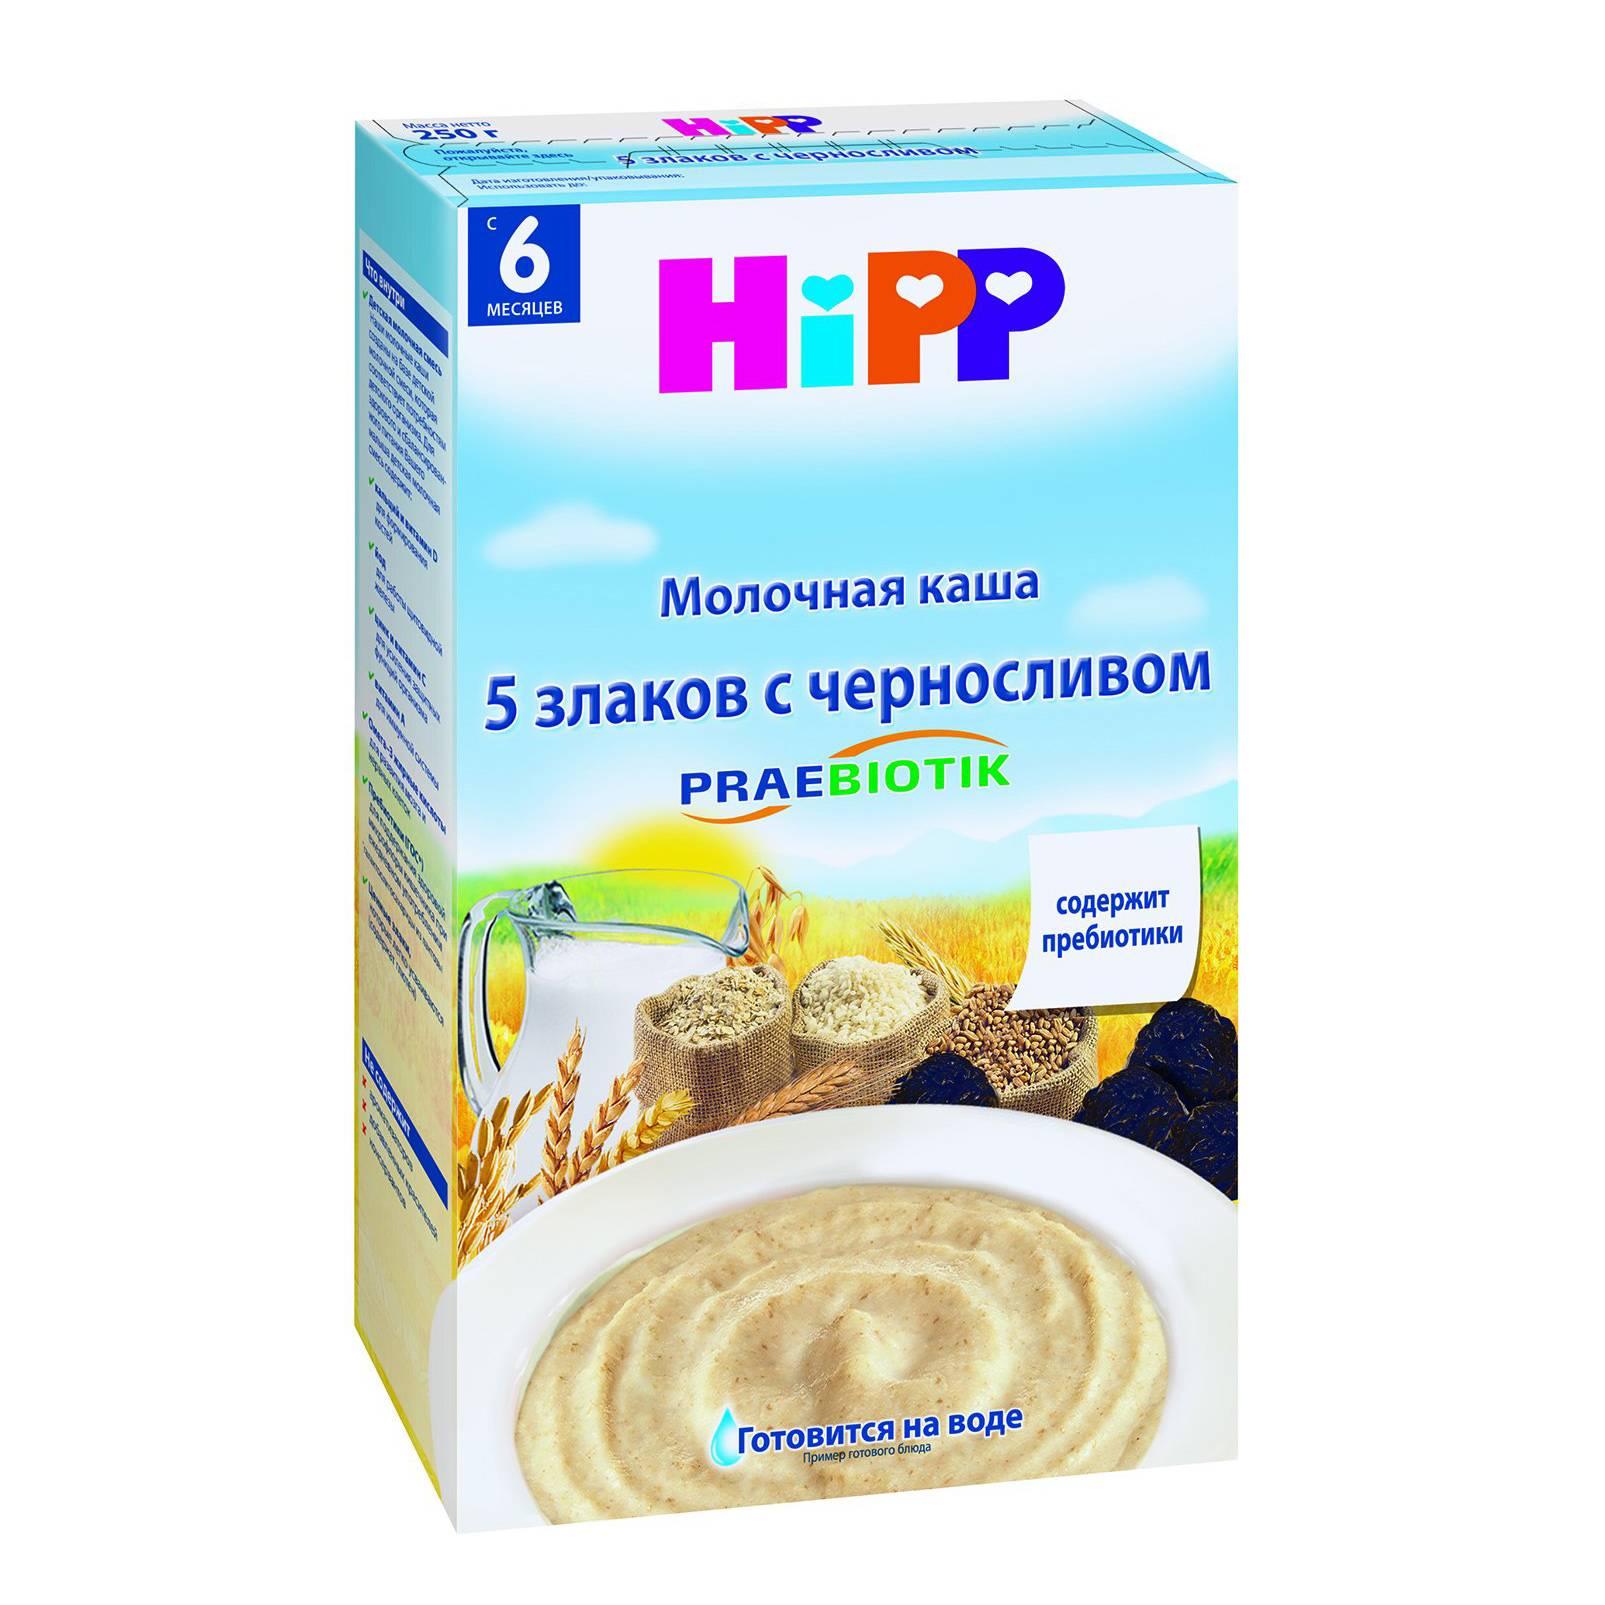 Наша первая каша: как вводить кашу в прикорм. каша для первого прикорма: молочная или безмолочная, с какой каши начинать прикорм